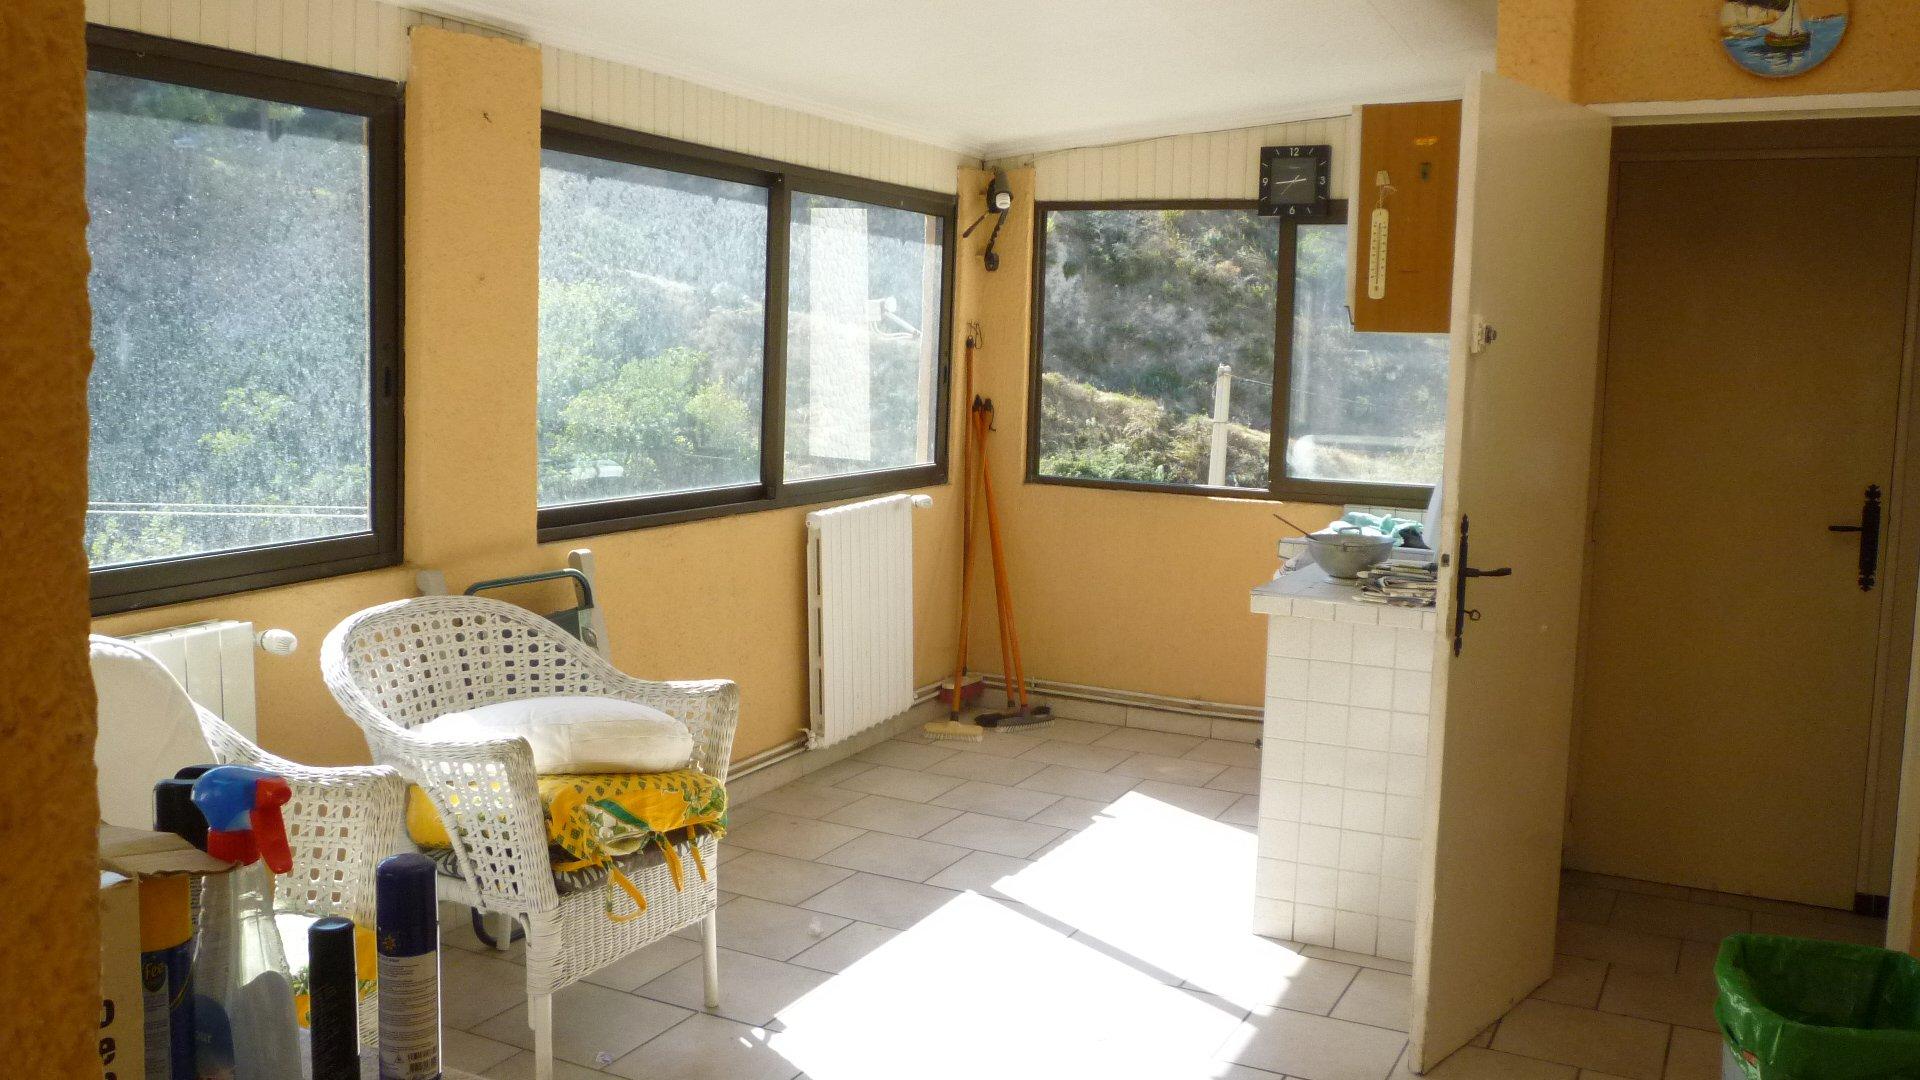 Appartement T4 de 91m², avec terrasse